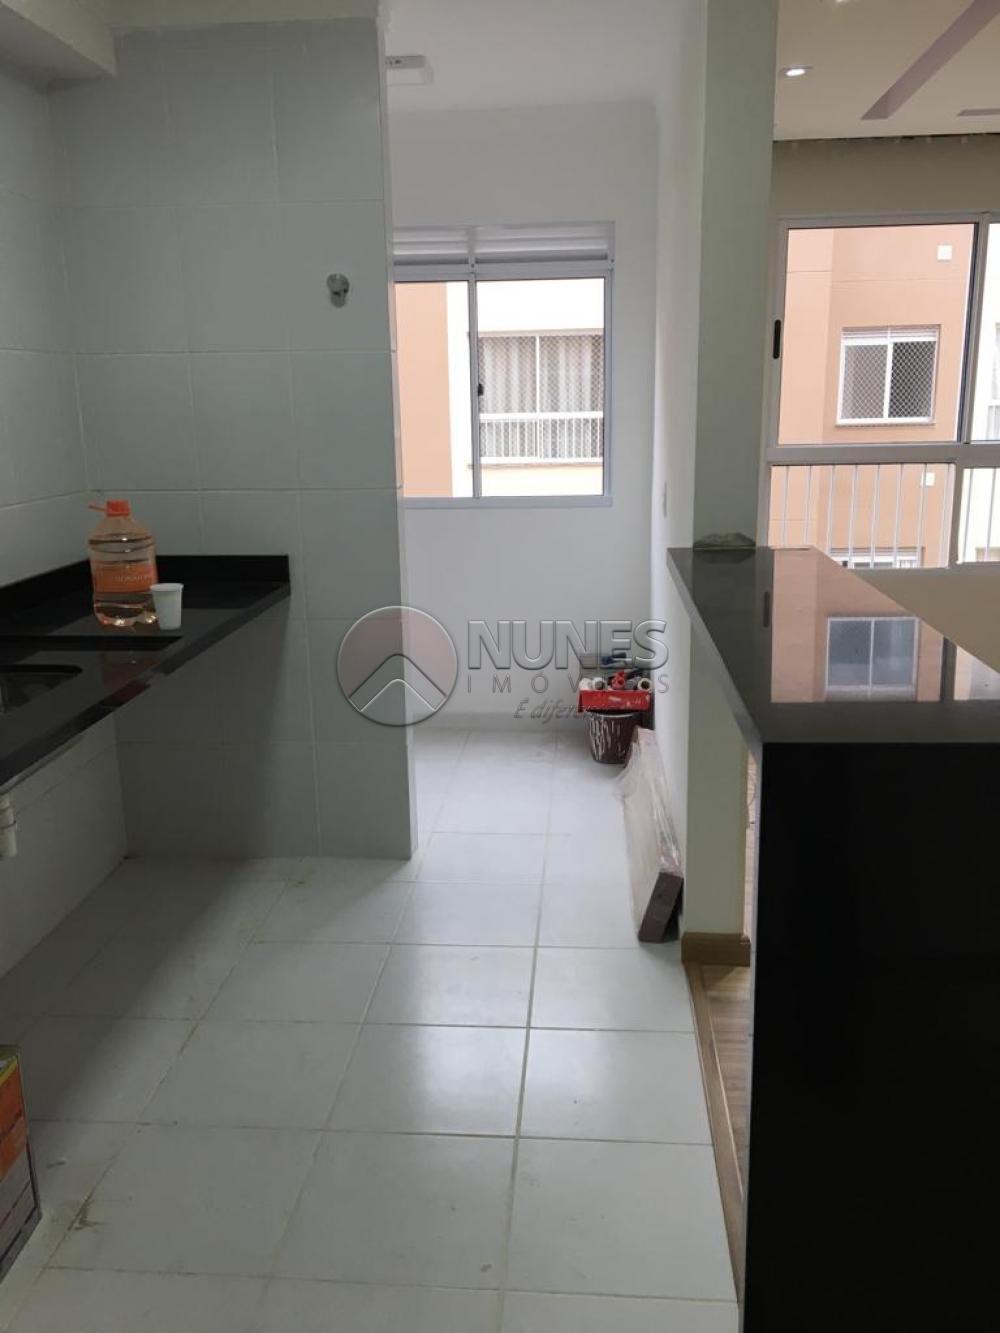 Comprar Apartamento / Padrão em Osasco apenas R$ 199.000,00 - Foto 13